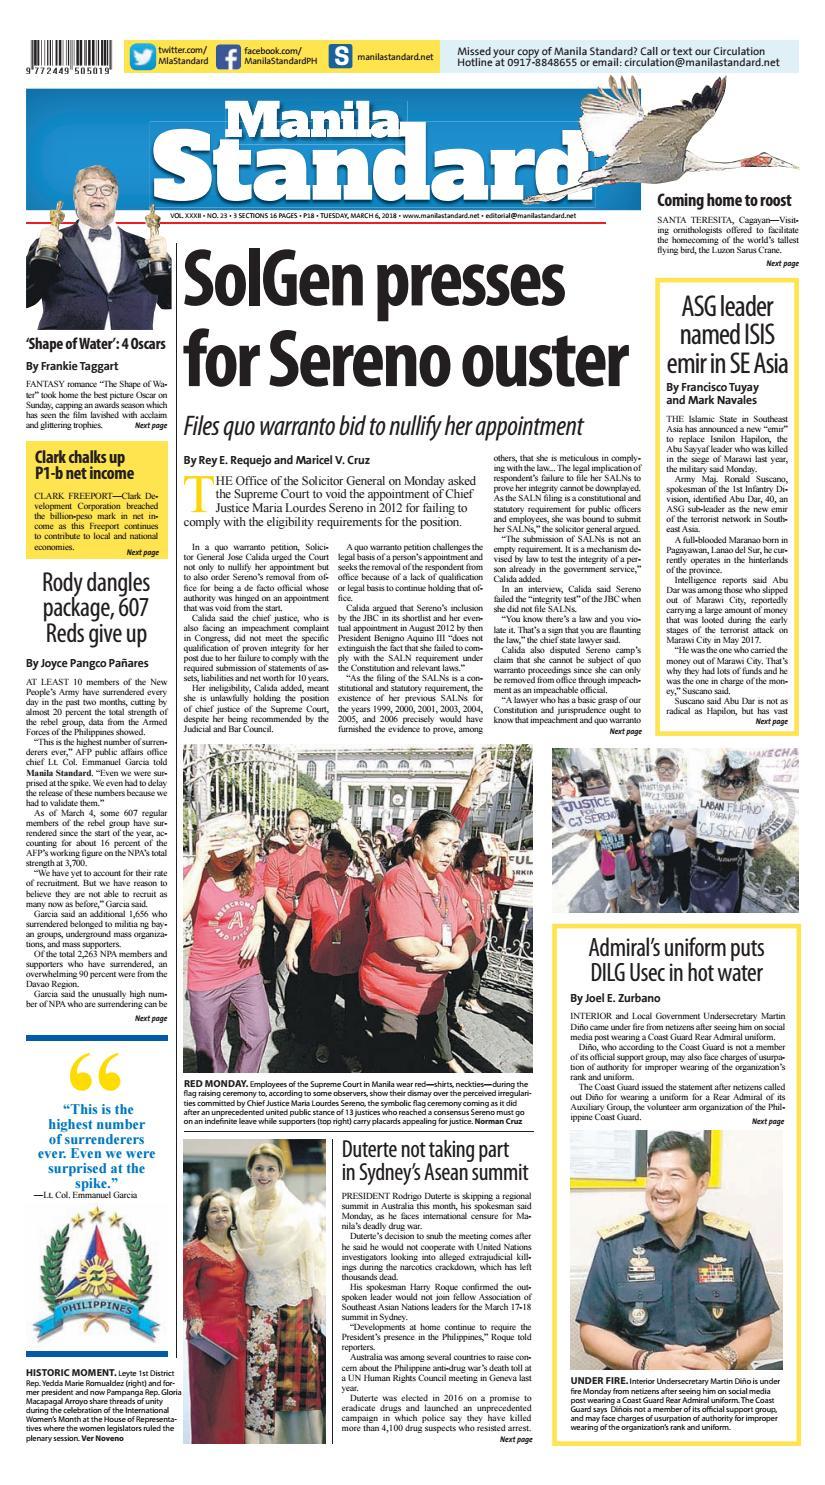 Manila Standard - 2018 March 06 - Tuesday by Manila Standard - issuu